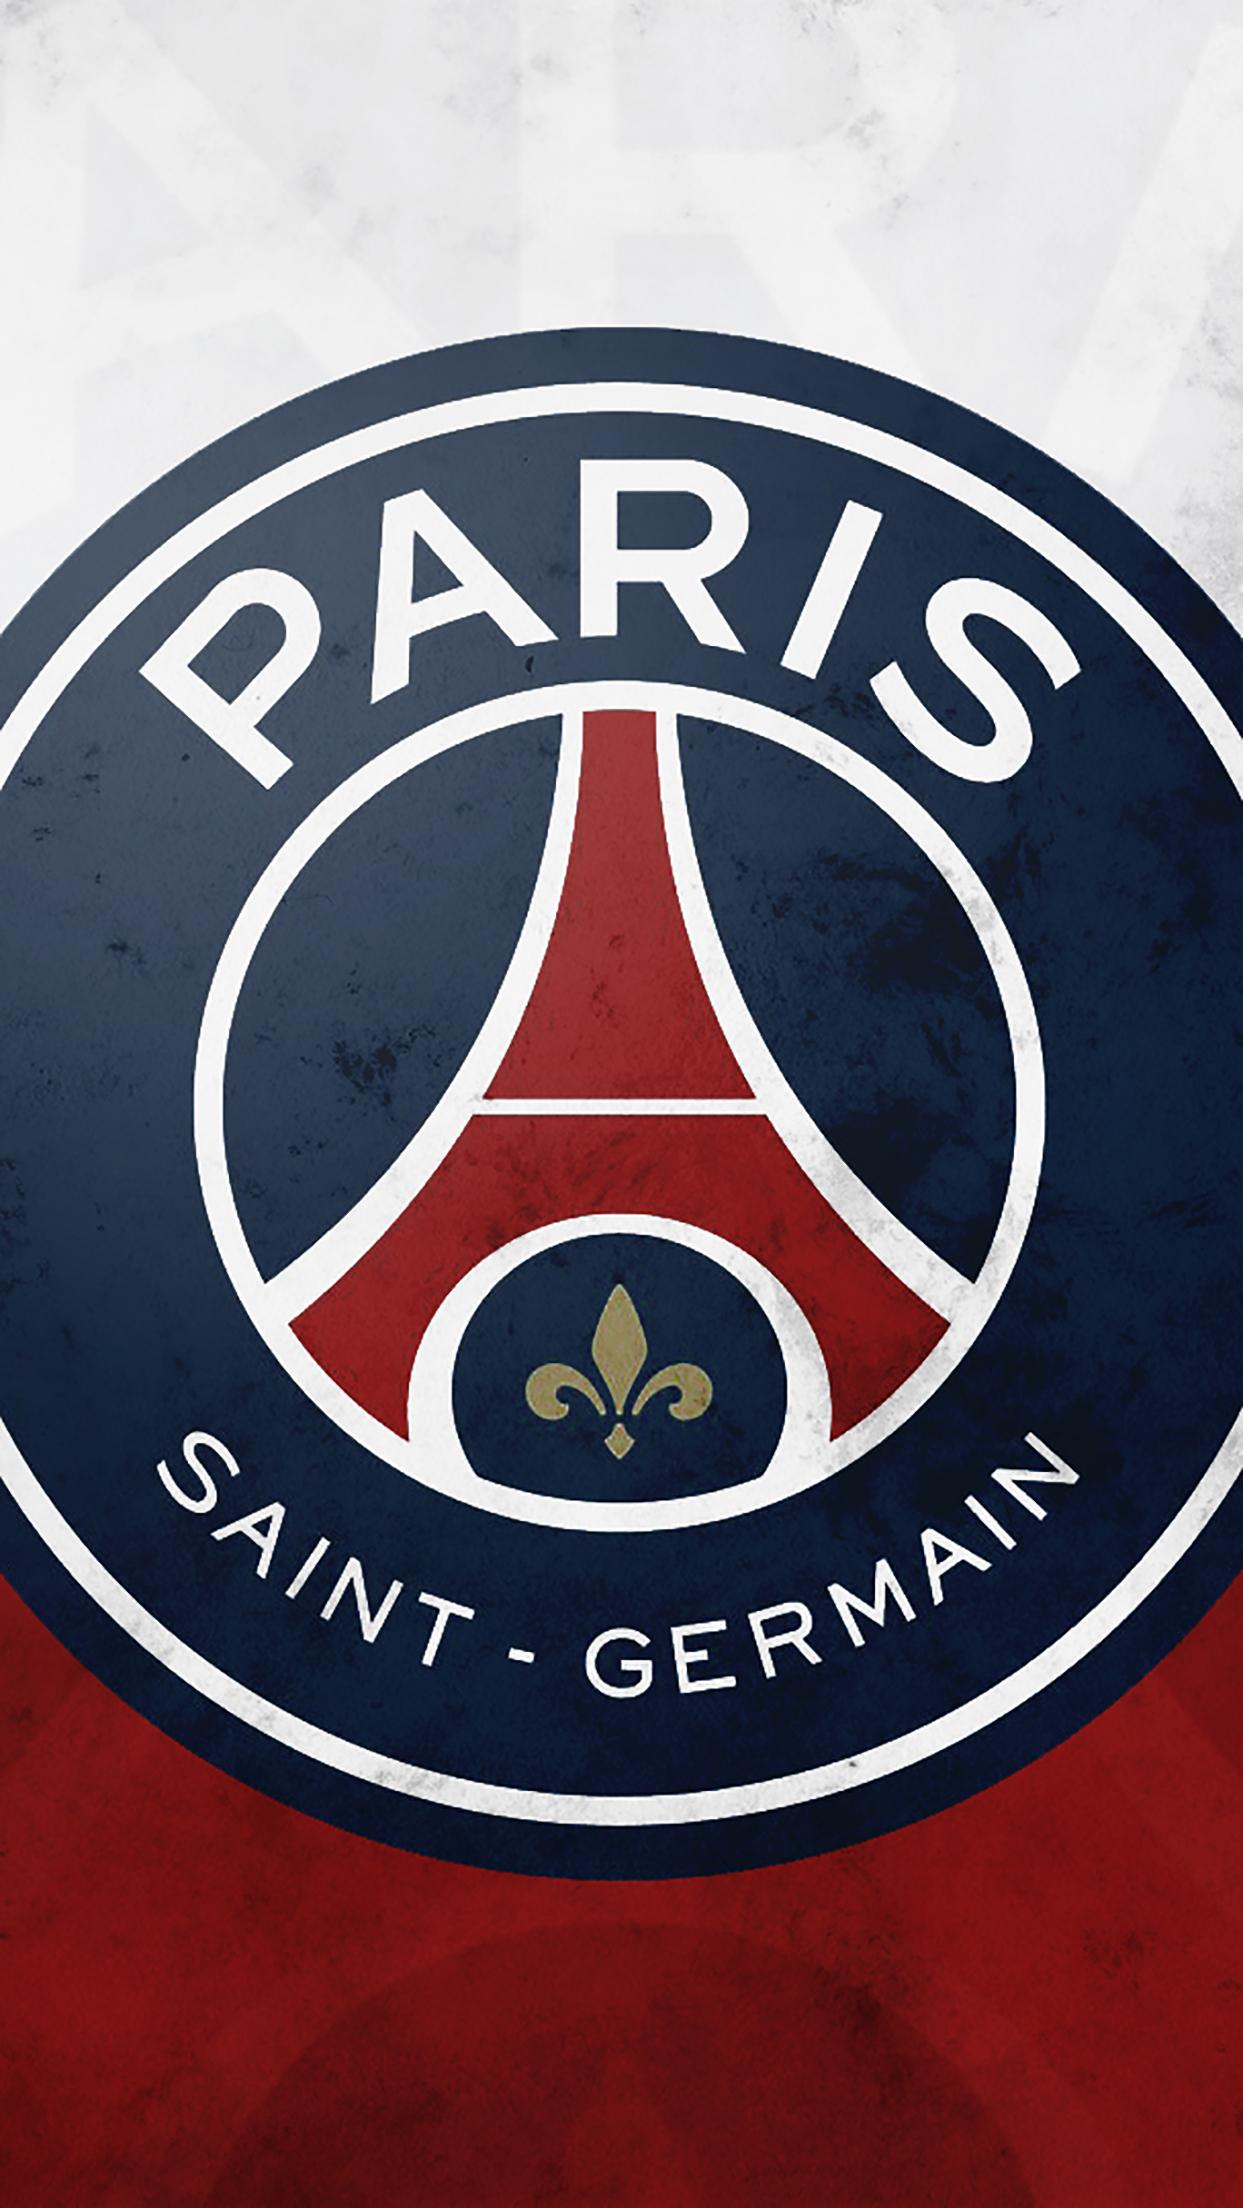 Paris Saint Germain Wallpaper Engine For Mac